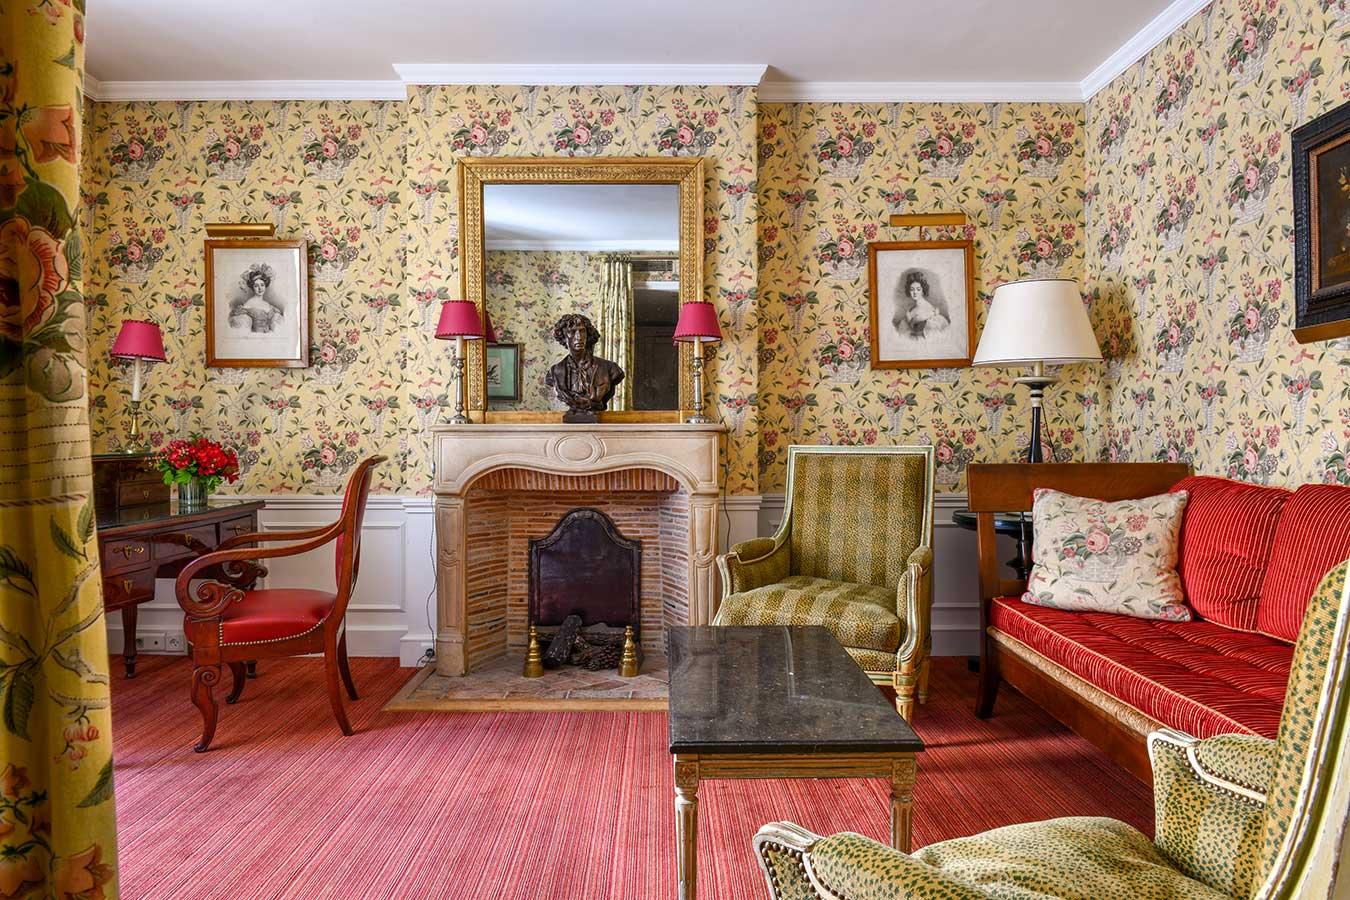 Appartement Terrasse - Salon avec table basse en marbre, bureau et fauteuil, cheminée, canapé rouge et fauteuil beige à motif léopard